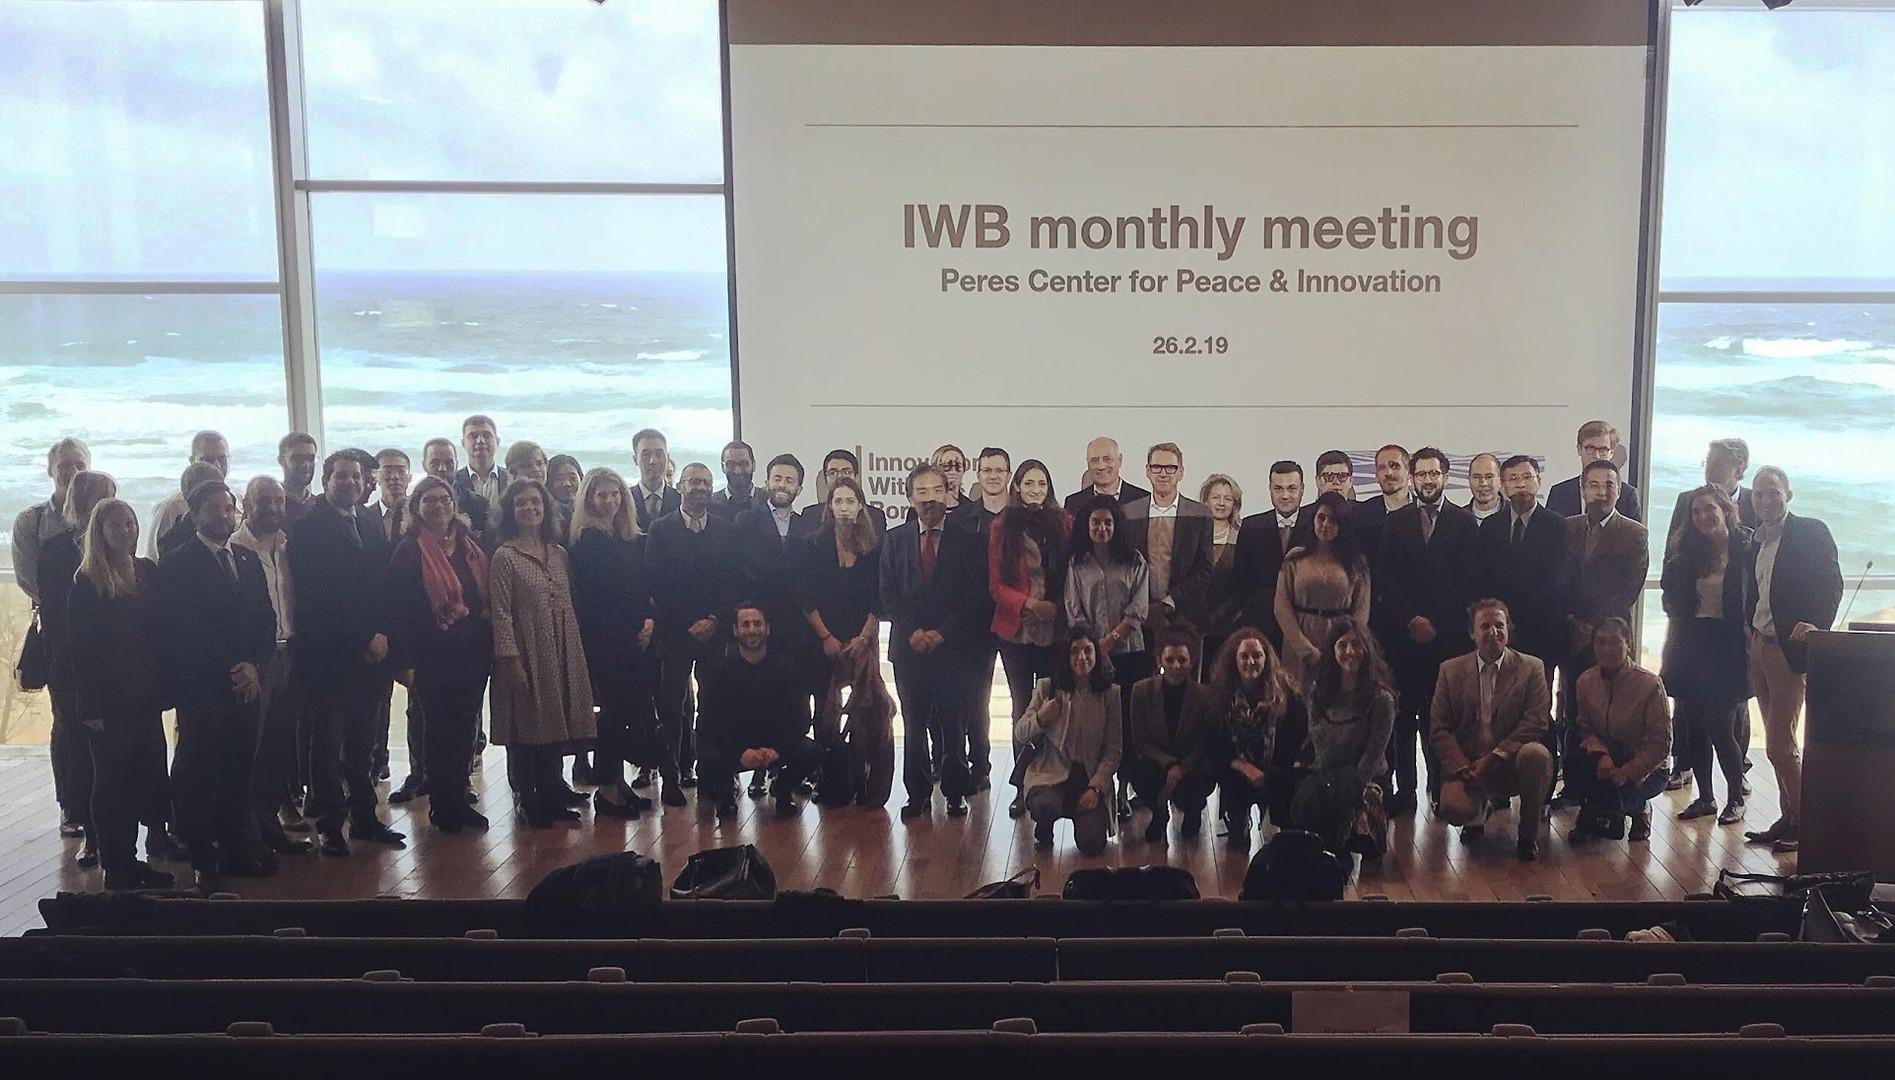 IWB - Peres.jpg